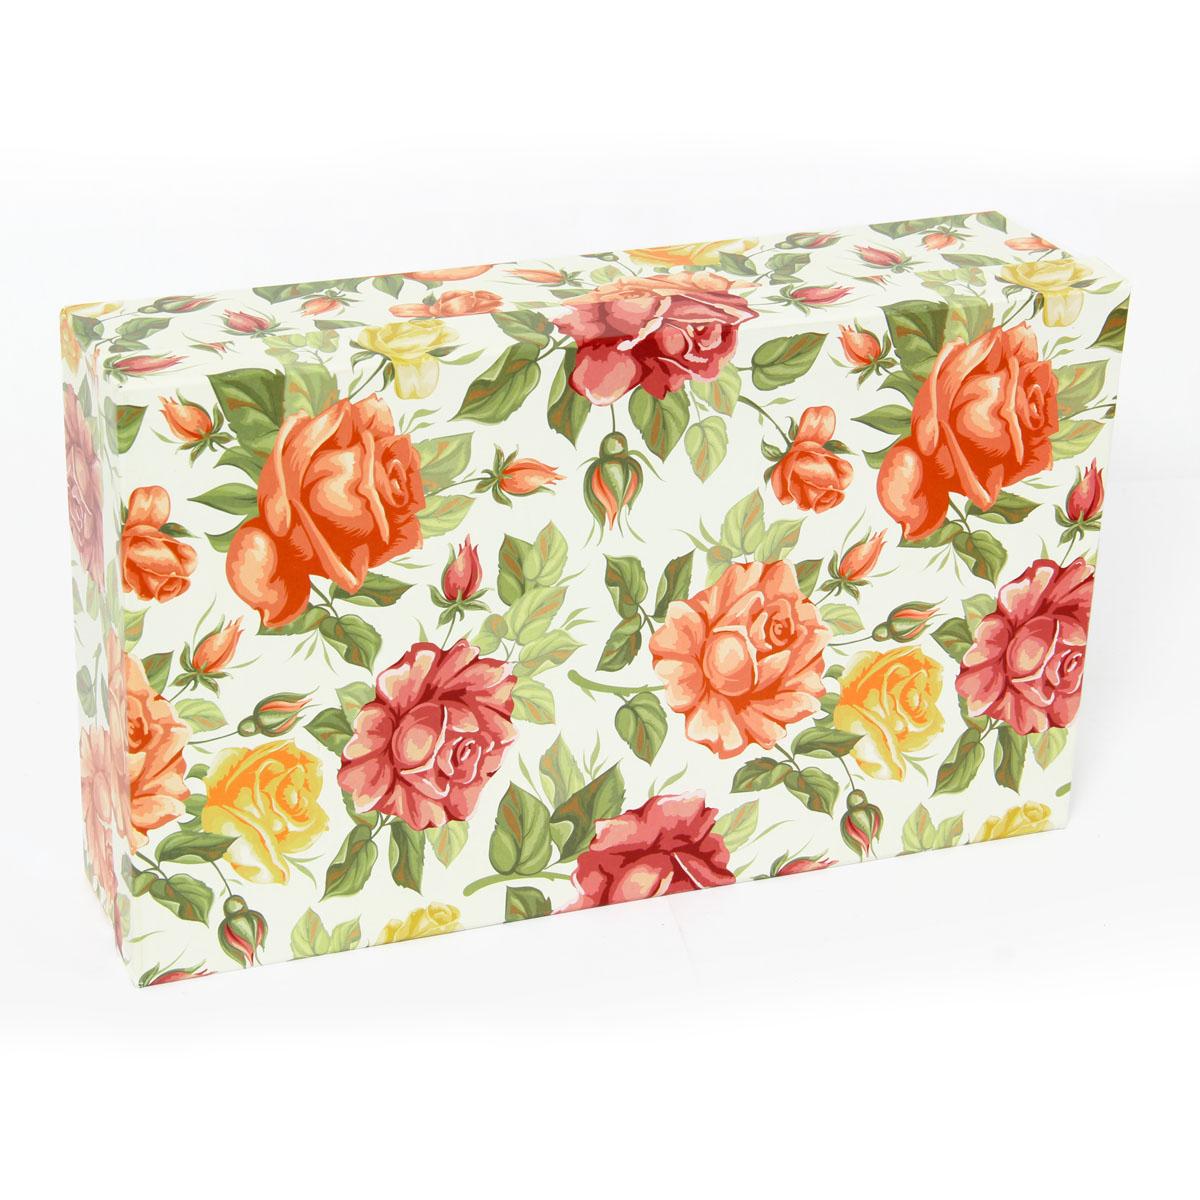 Набор подарочных коробок Veld-Co Цветущие розы, прямоугольные, 5 шт veld co набор инструментов 43896